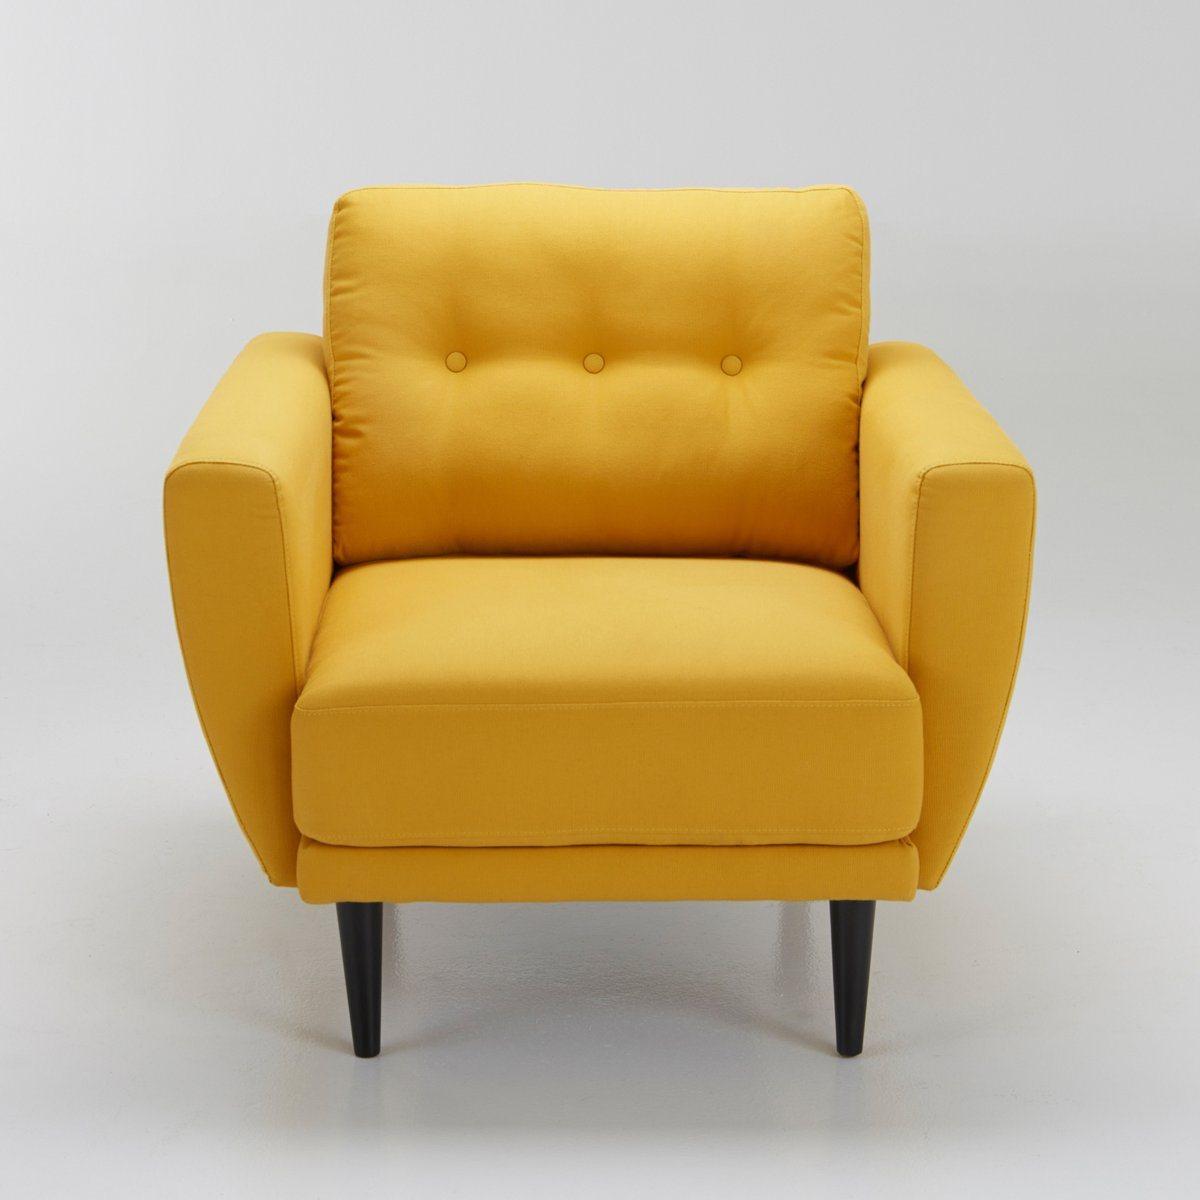 Fauteuil Scandinave Jaune Pas Cher Infini Photo - Fauteuil jaune moutarde pas cher